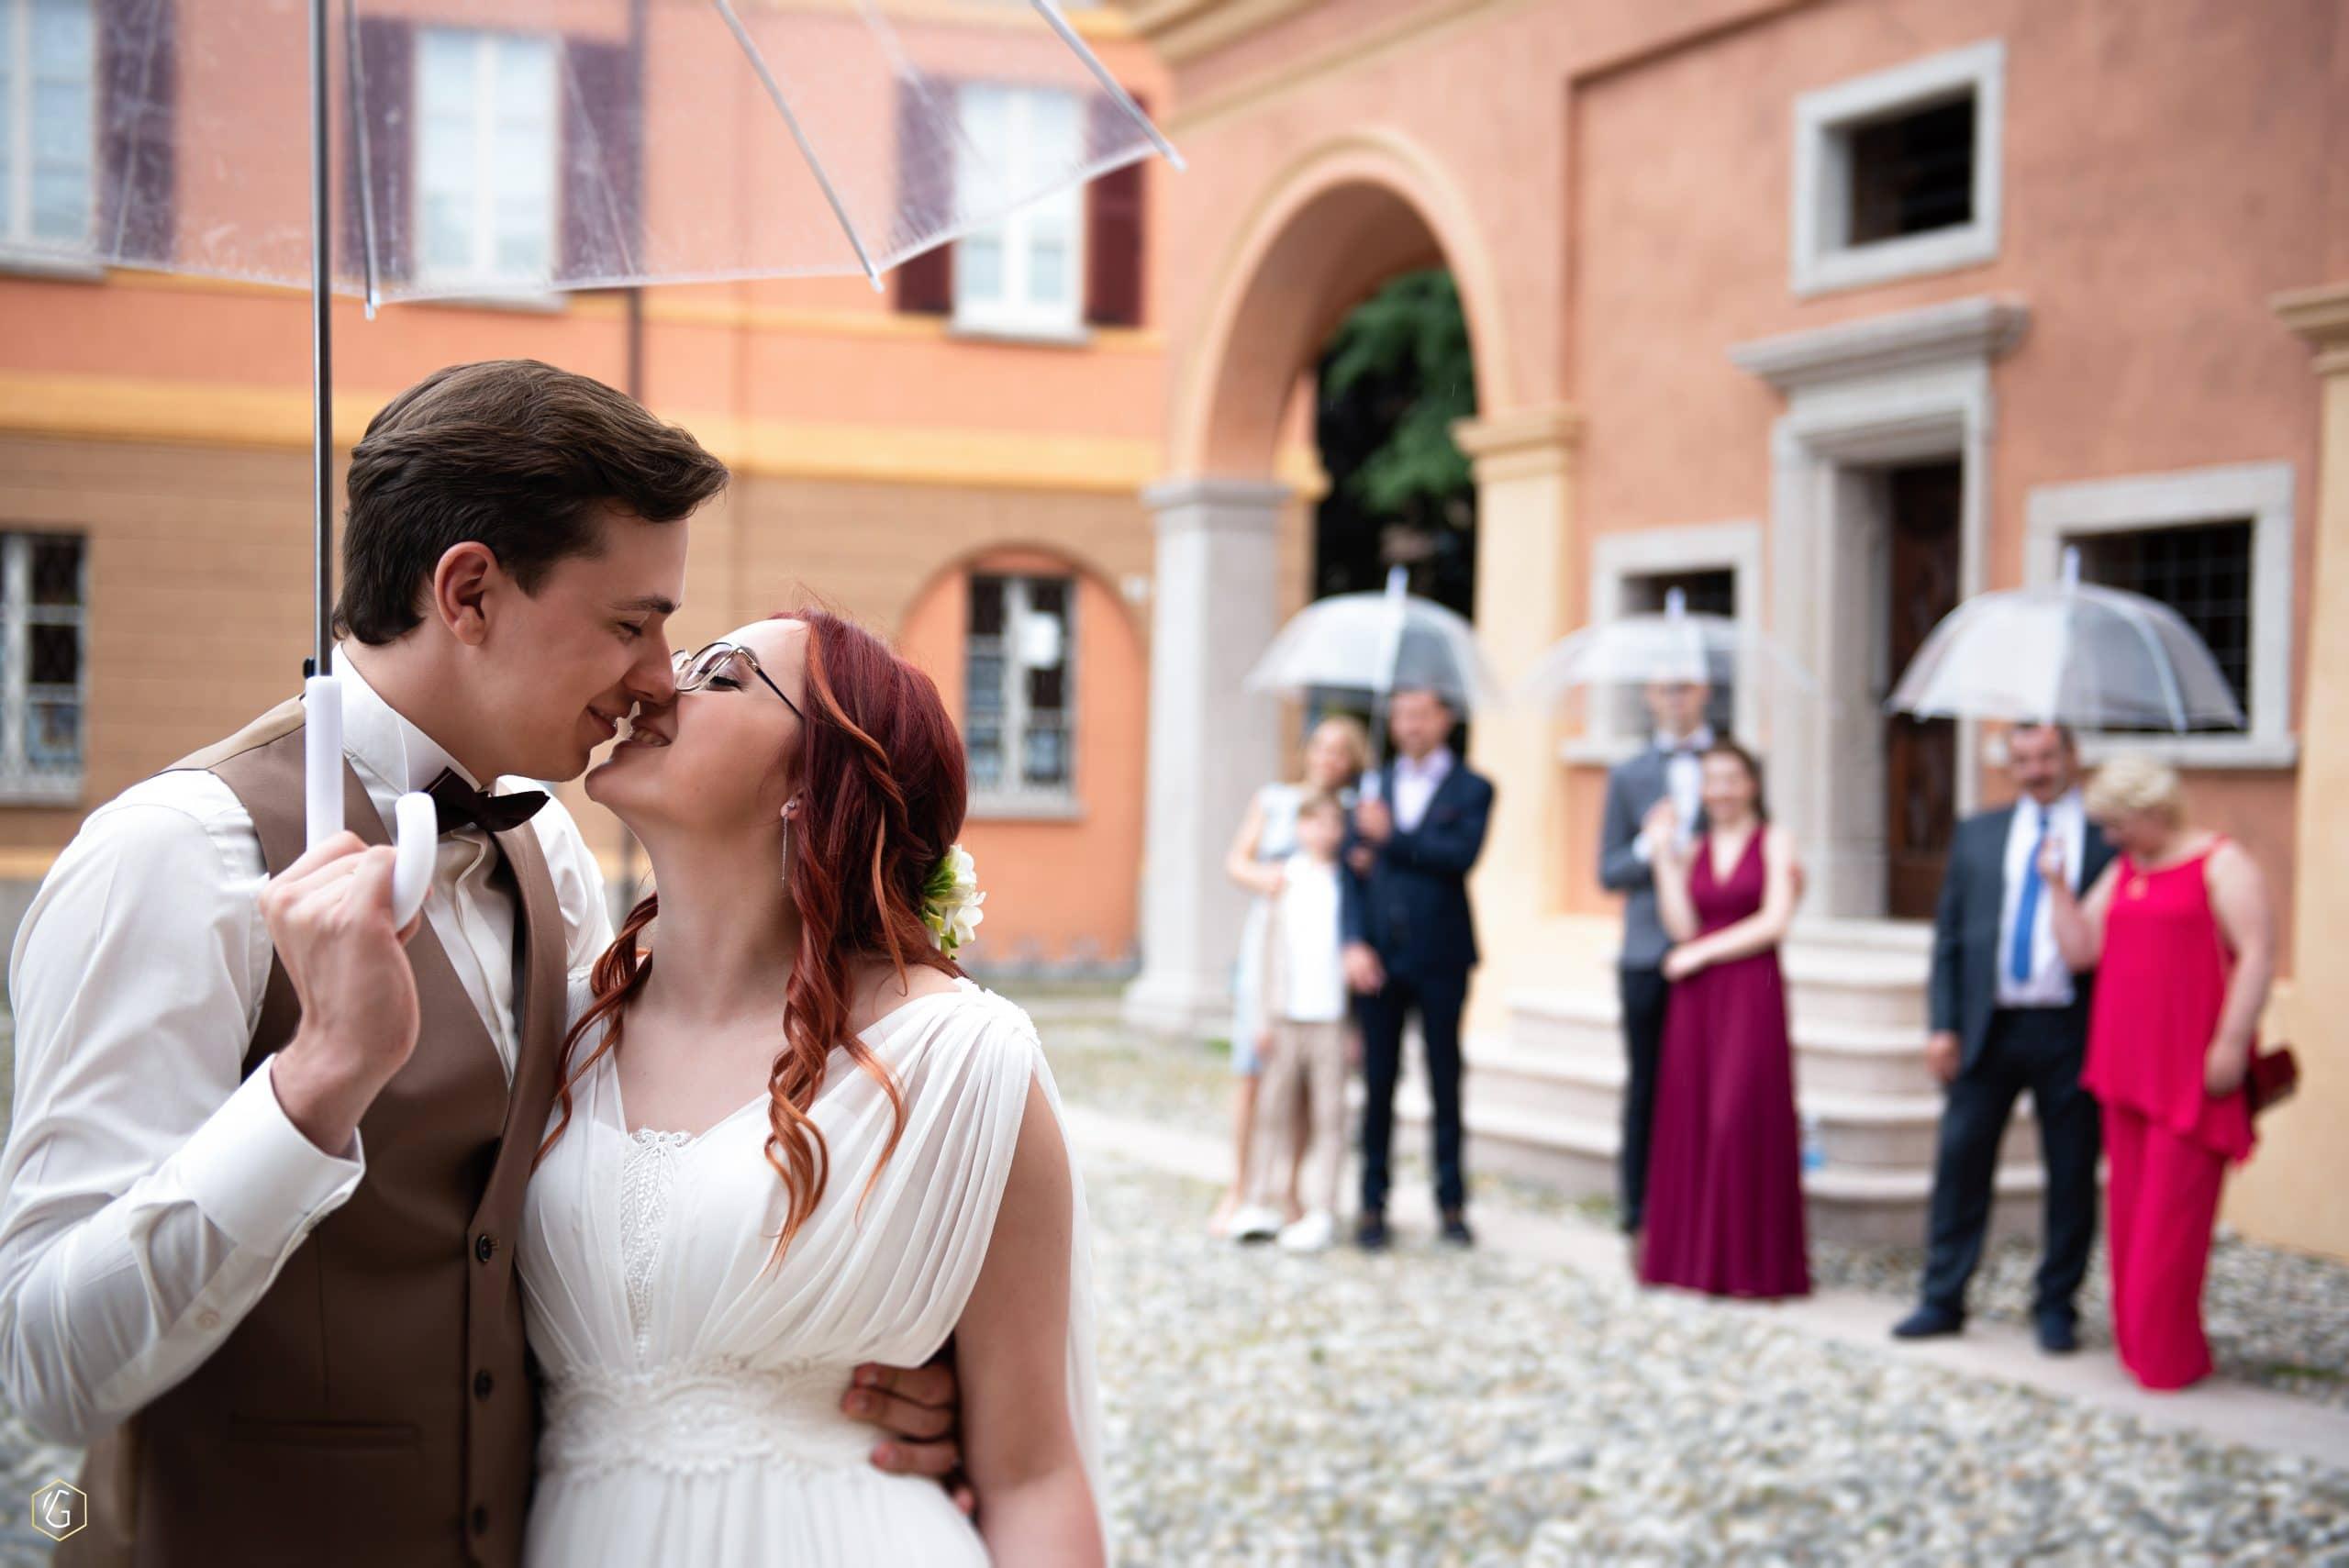 Vilma Wedding & Event Planner _ santuoka Italijoje _ vestuvės užsienyje 2022 _ vestuvių planuotoja Italijoj _ santuokos koordinatorė _ vestuvių organizatorė _ Lago Maggiore _ Šiaurės Italija